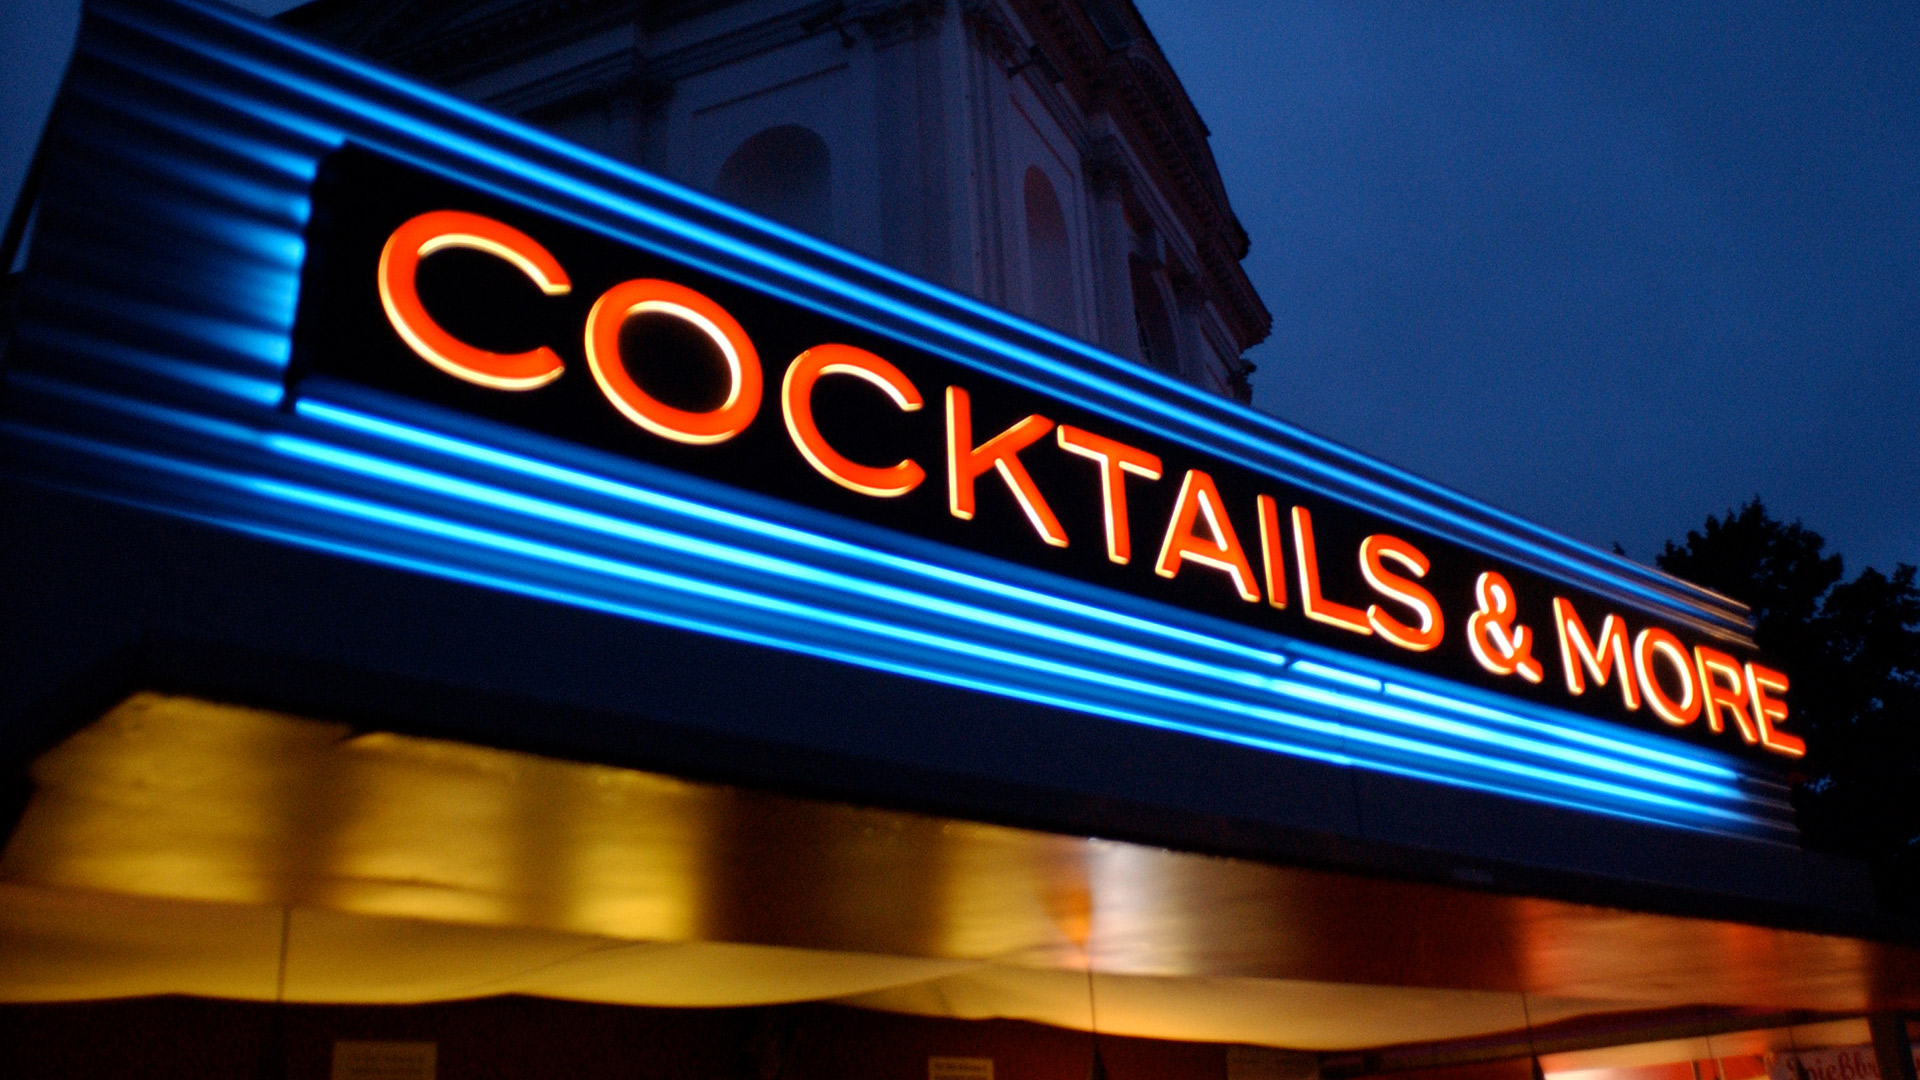 Bar-Deutschland-Leuchtwerbung-Matti-Michalke-Berlin-Brandenburg-Aussenwerbung-Innenwerbung-Banner-Planen-Folien-Werbemittel-Druck-Print